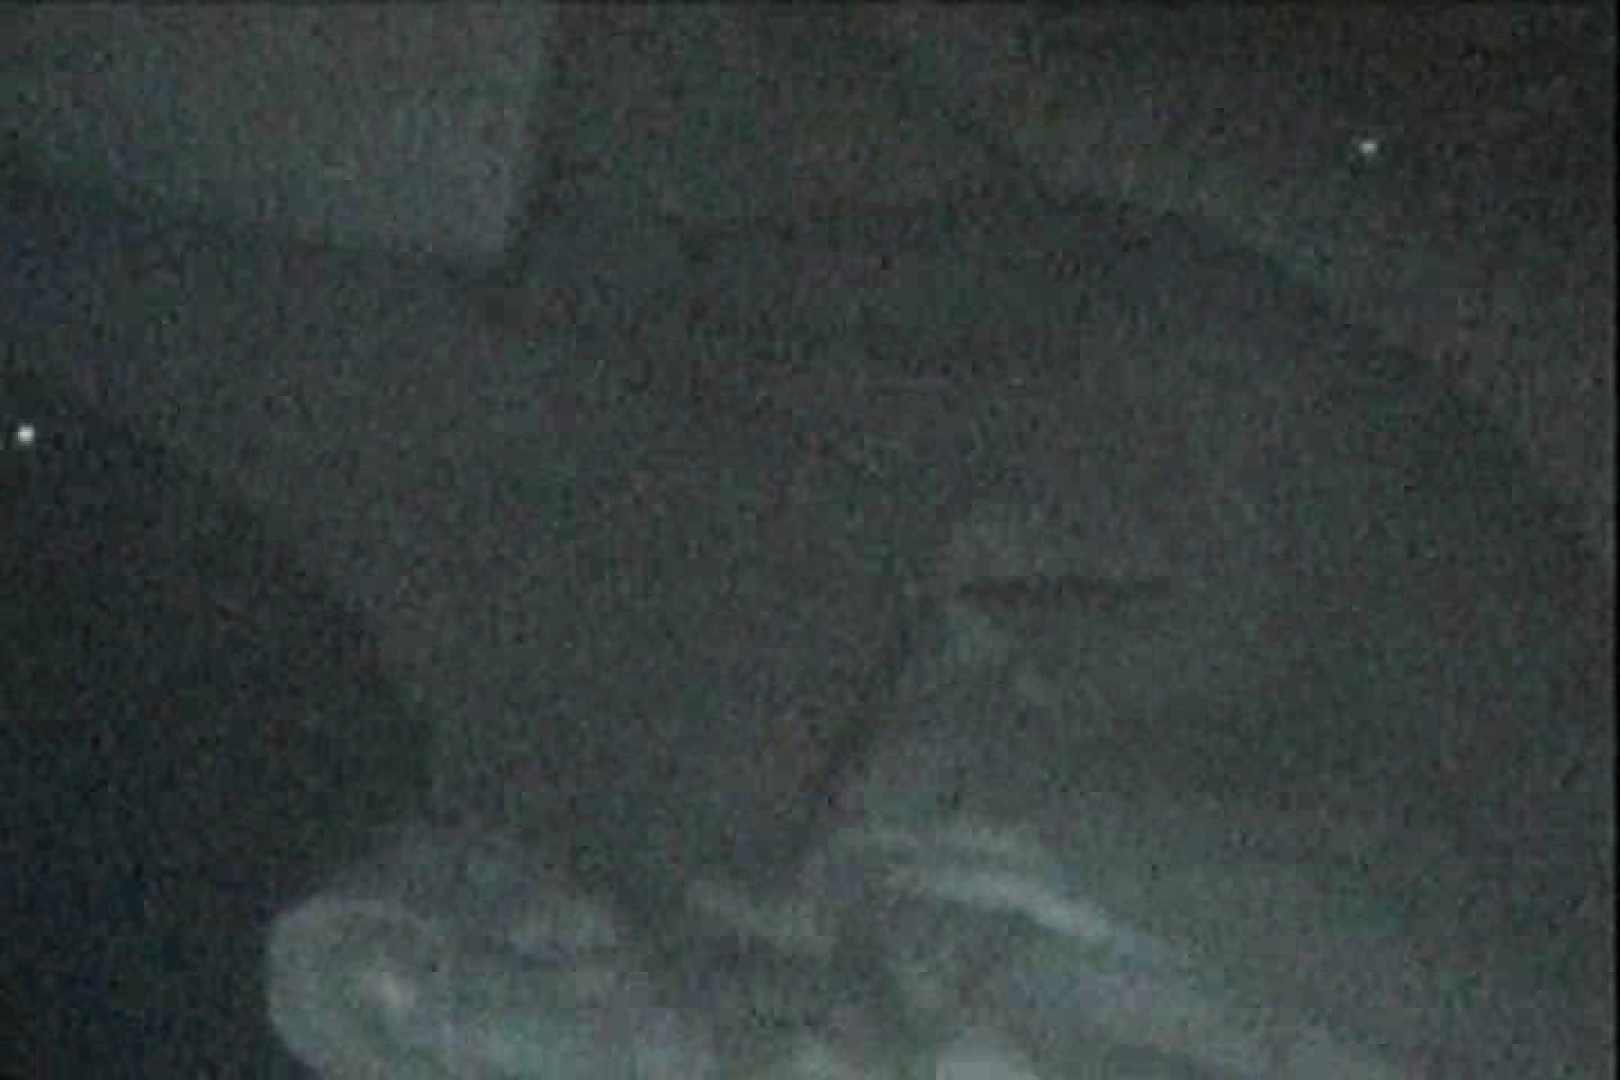 充血監督の深夜の運動会Vol.39 OLセックス  80画像 24